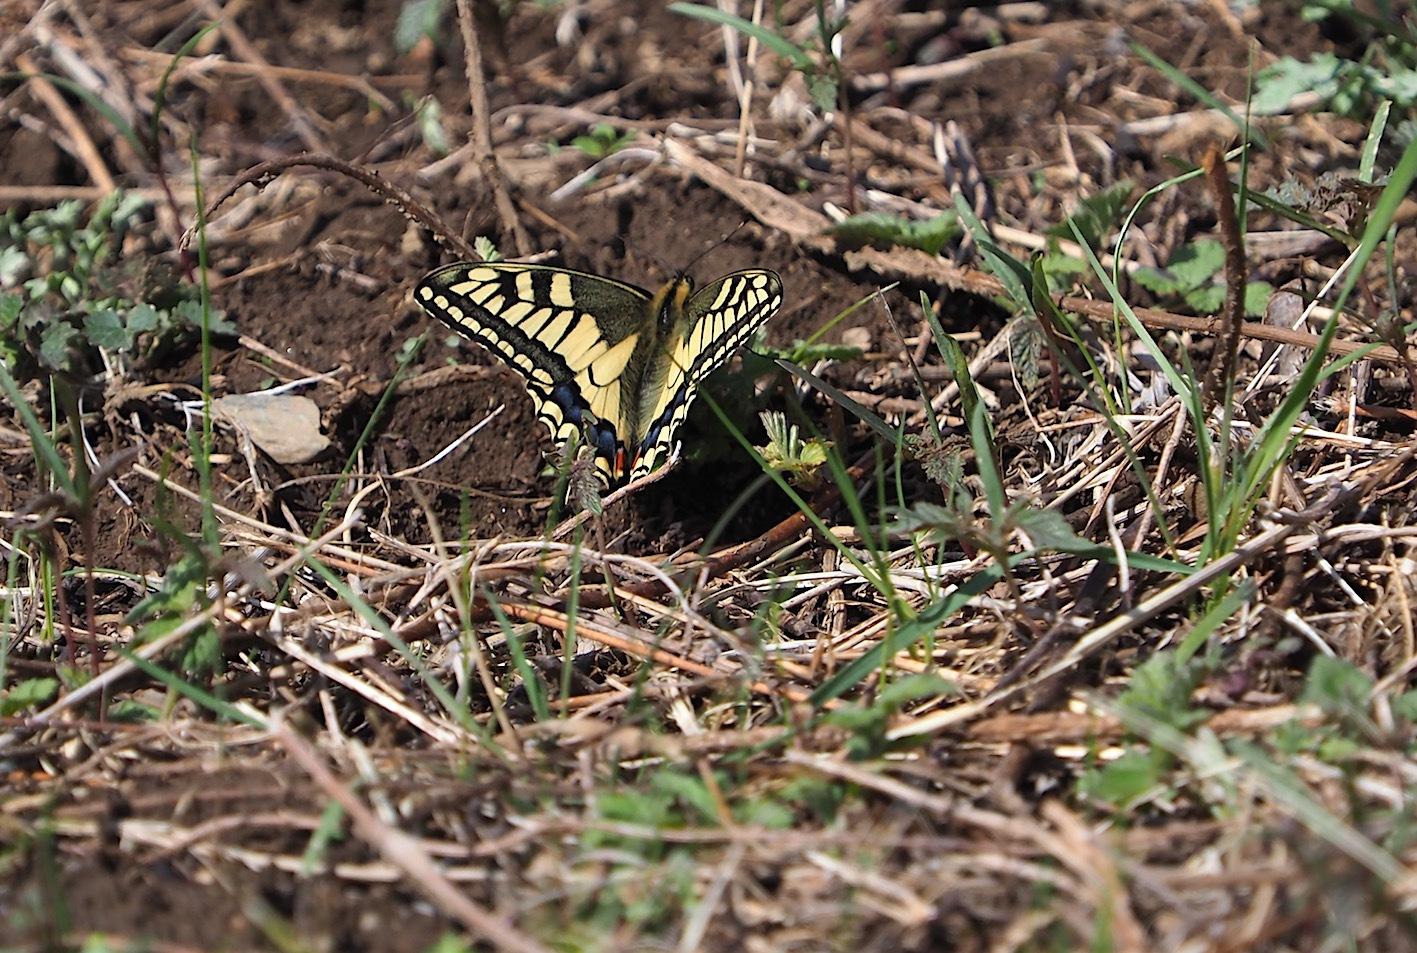 越冬蝶2種と新生蝶4種(2021年3月23日)_d0303129_10145657.jpg